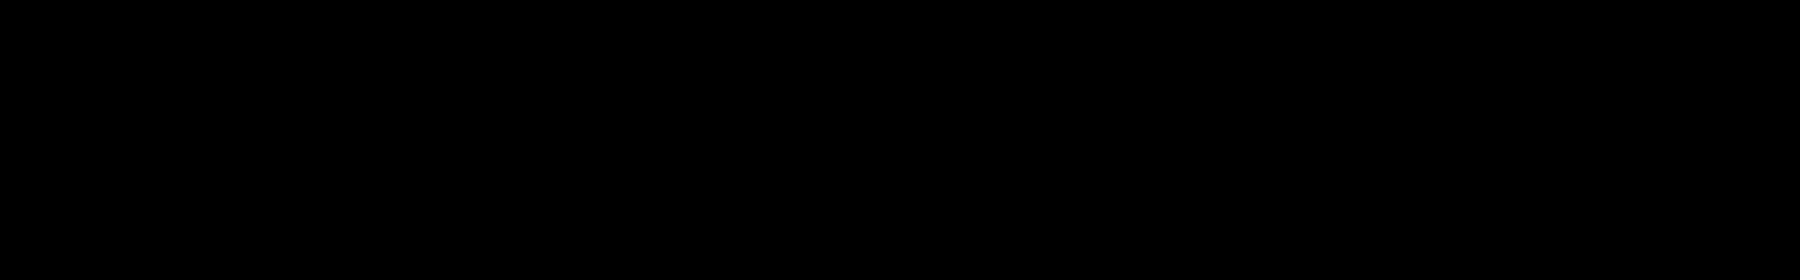 Seizure audio waveform